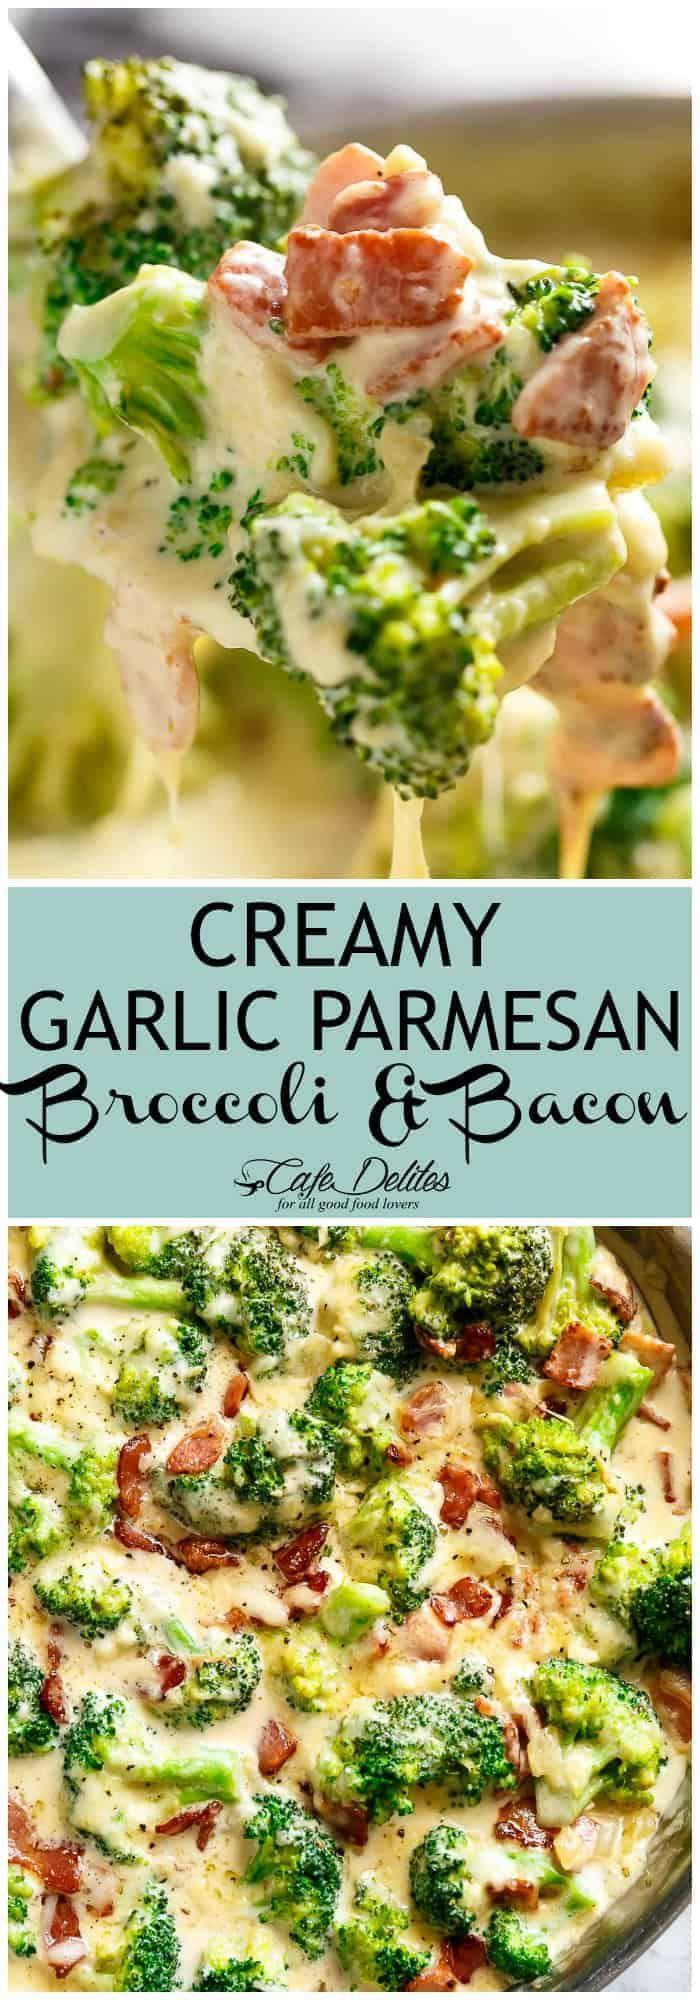 Creamy Broccoli & Bacon - Cafe Delites